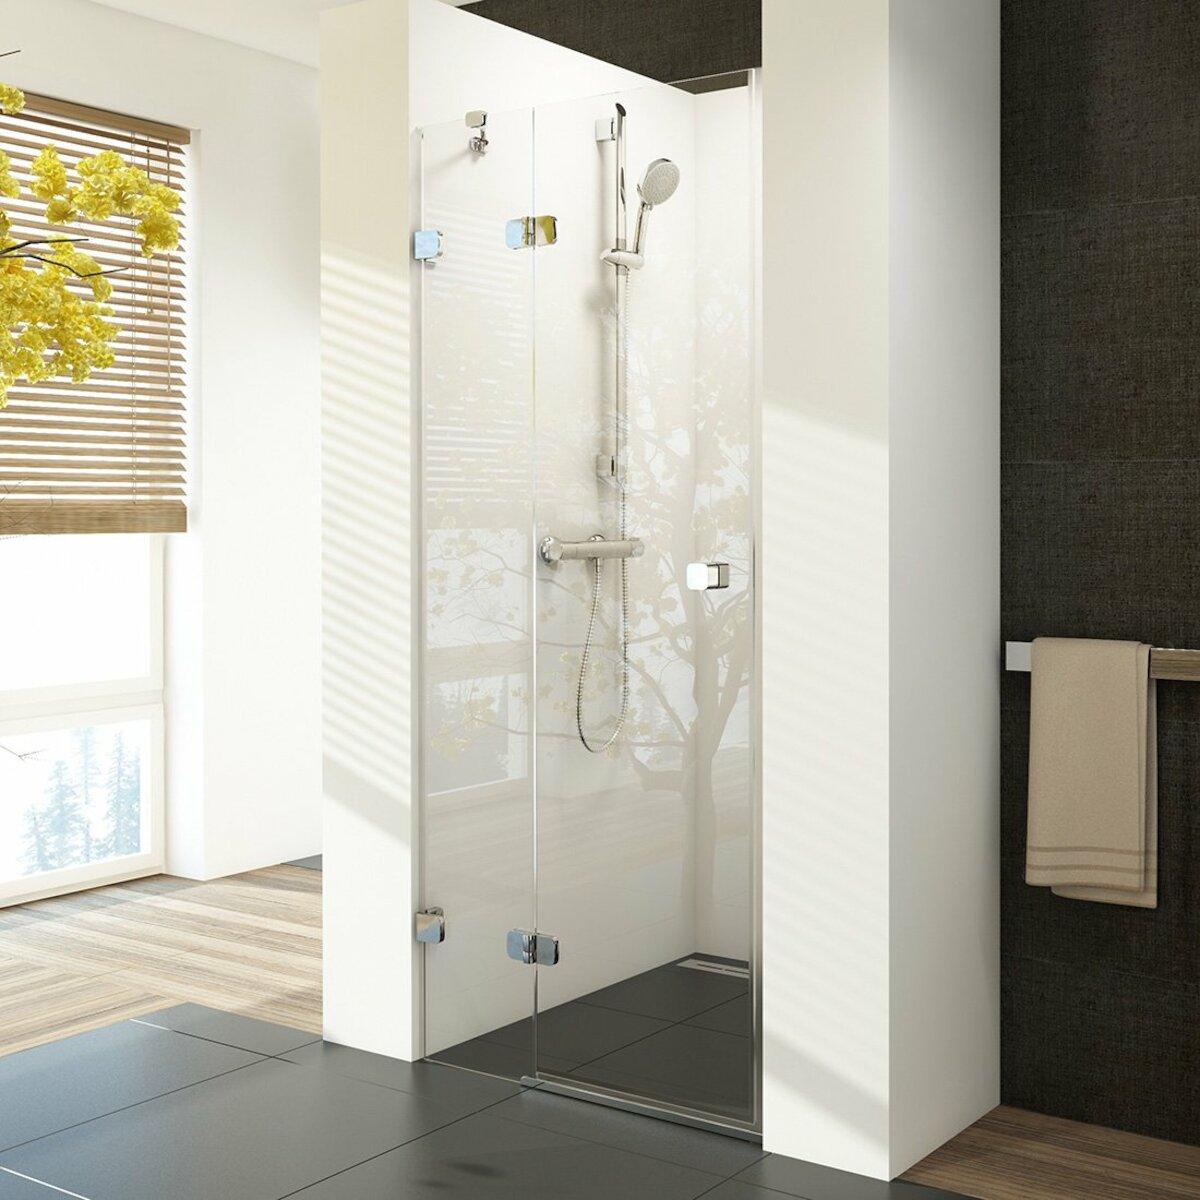 Sprchové dvere Ravak Brilliant jednokrídlové 90 cm, sklo číre, chróm profil, ľavé 0UL7AA00Z1